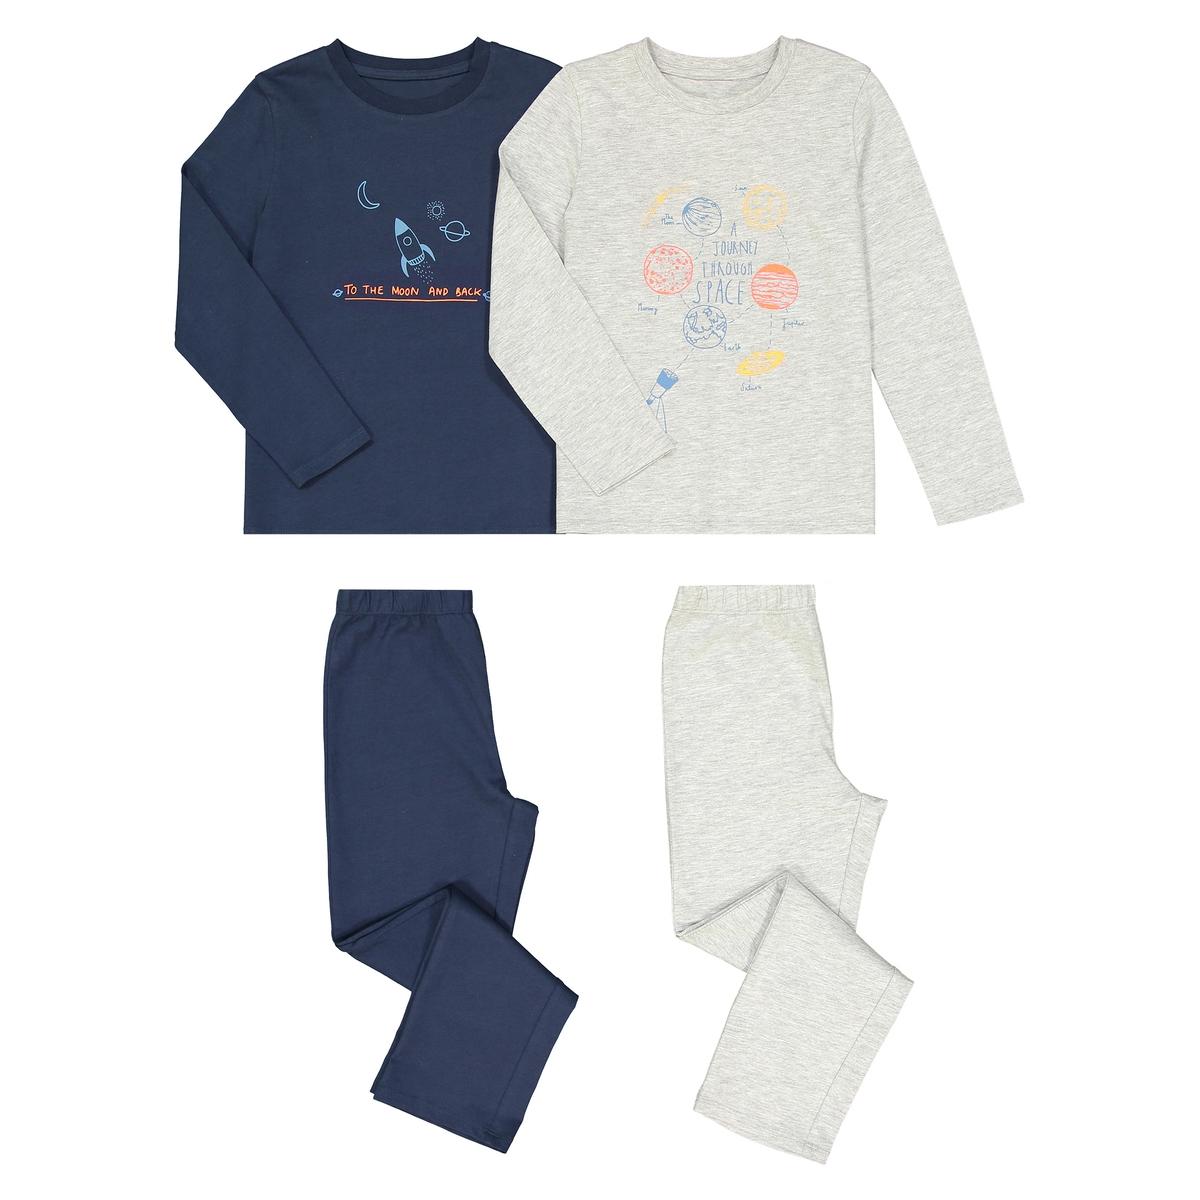 Комплект из 2 пижам, 3-12 лет комплект из 2 пижам с принтом 3 12 лет